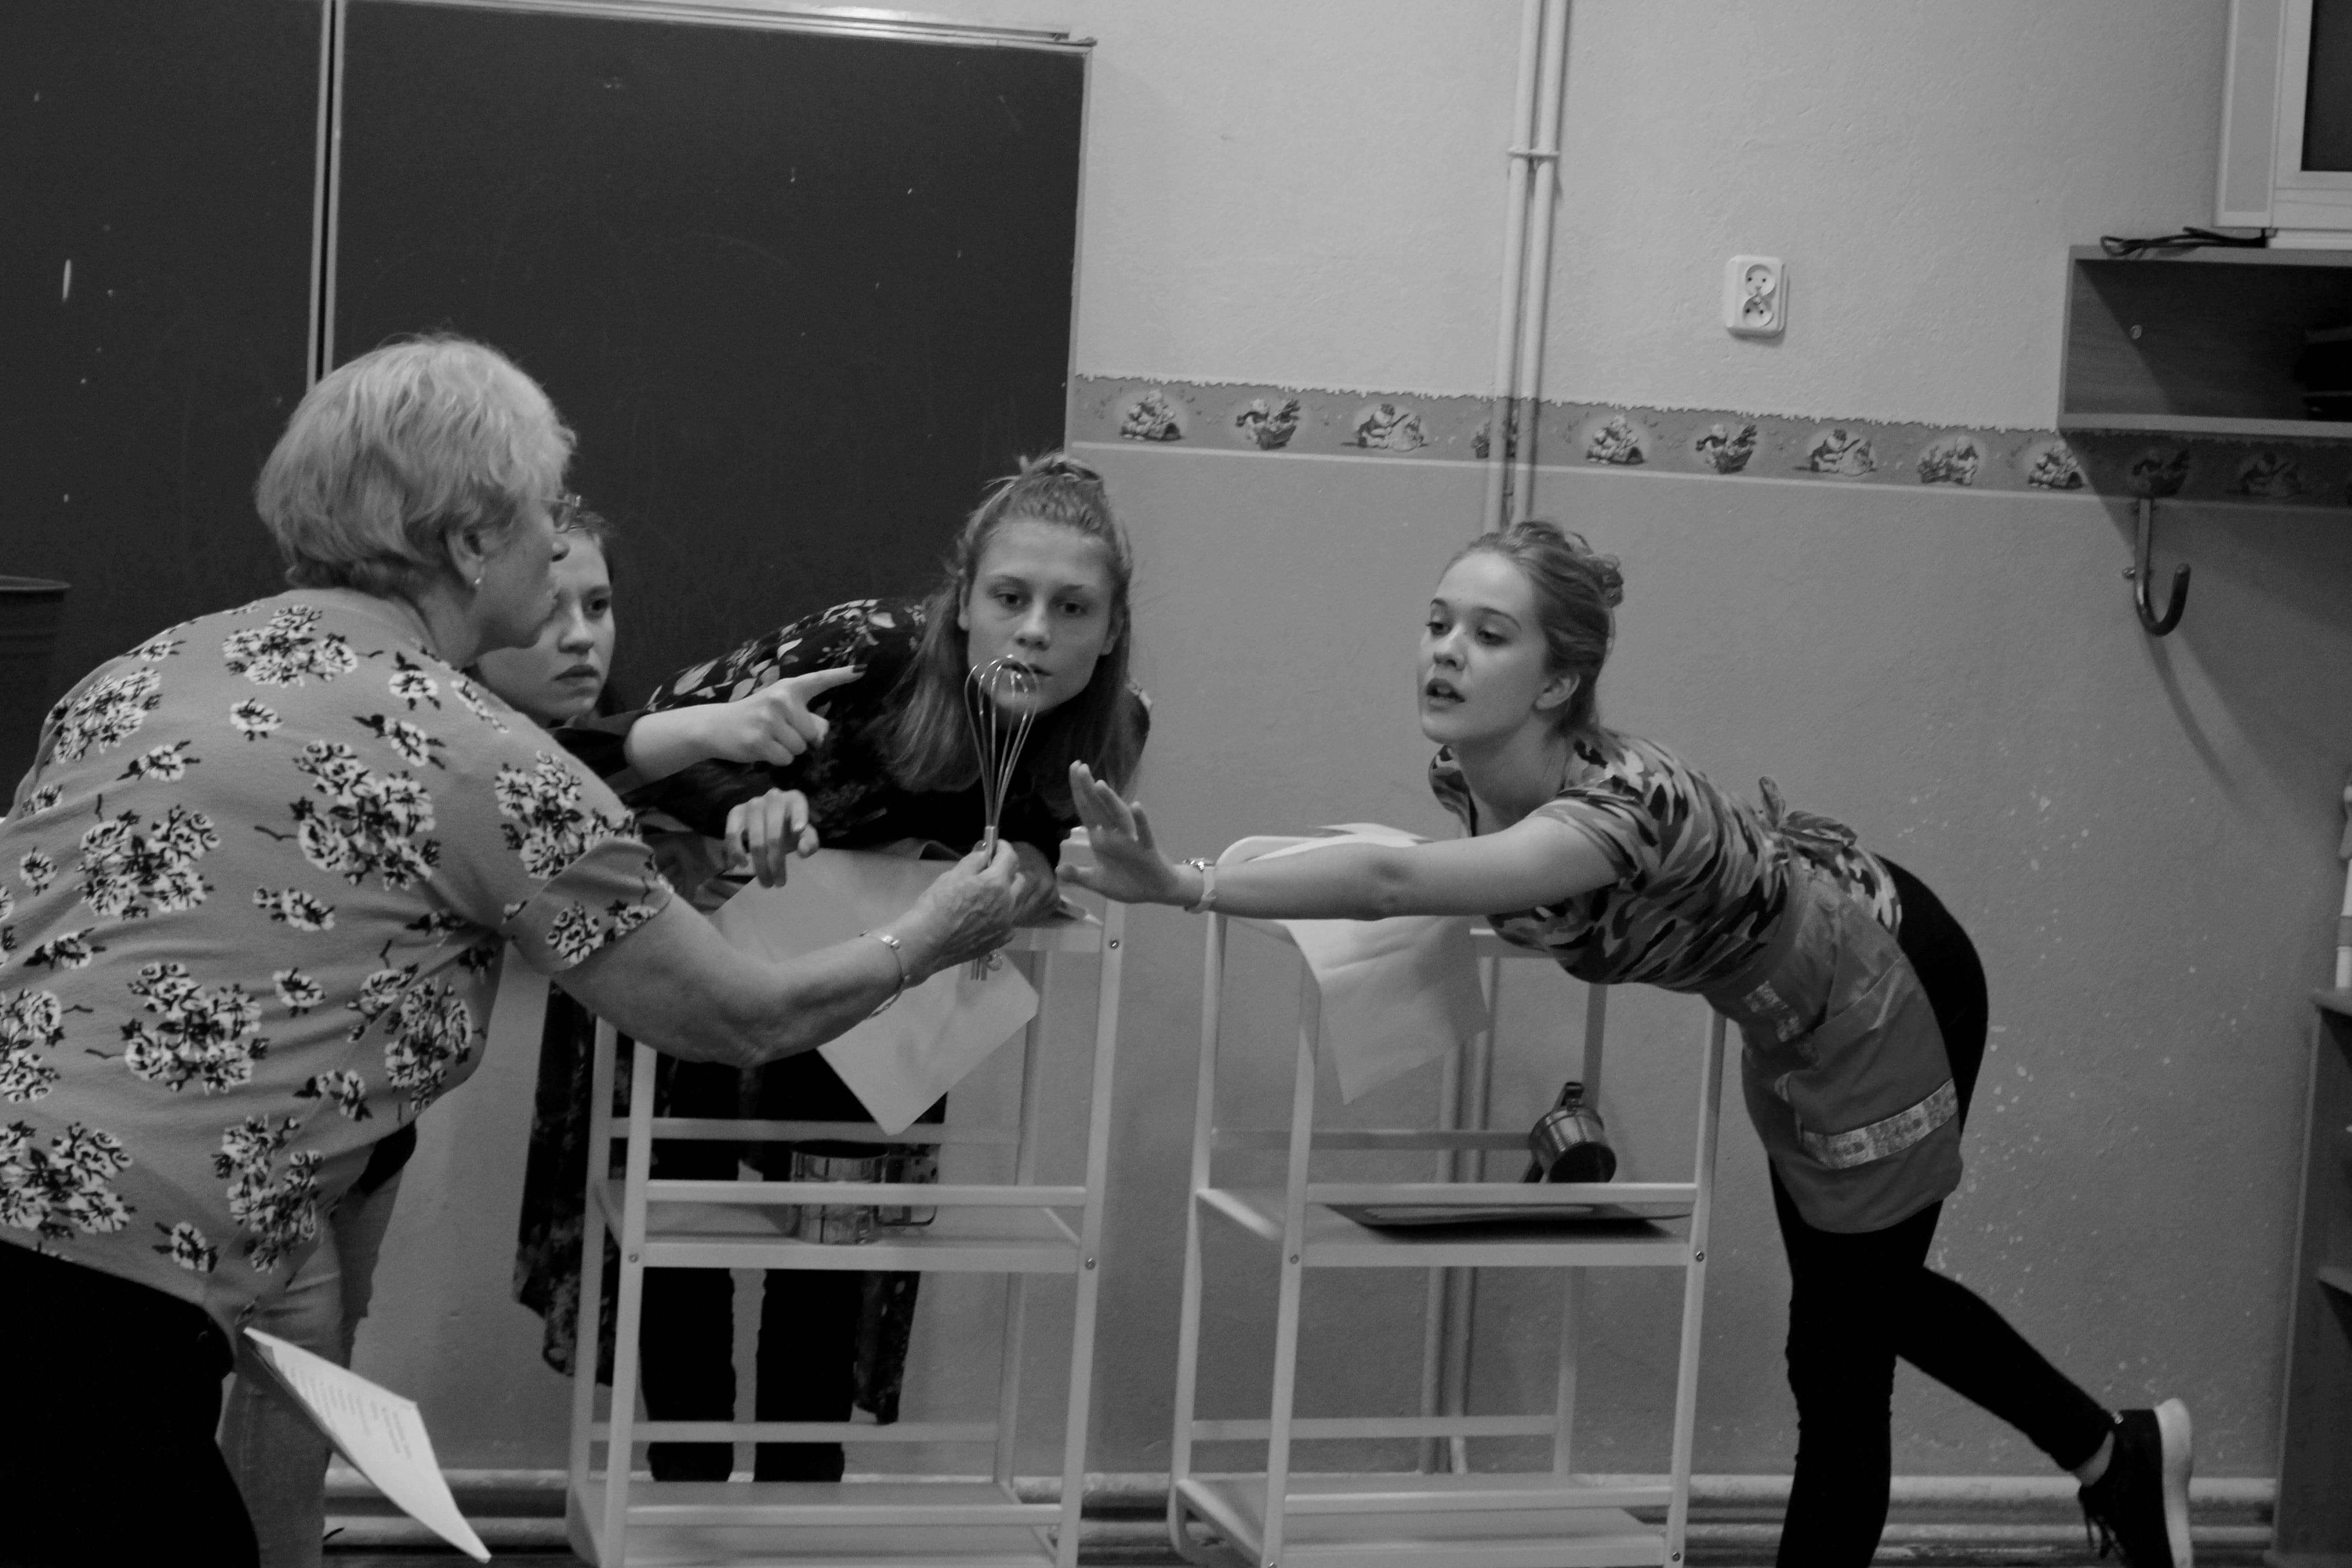 zdjęcie z projektu Dzwięczące wieżowce. Cztery aktorki pochylają się do mieszadełka od miksera, trzymanego przez jedną z nich.